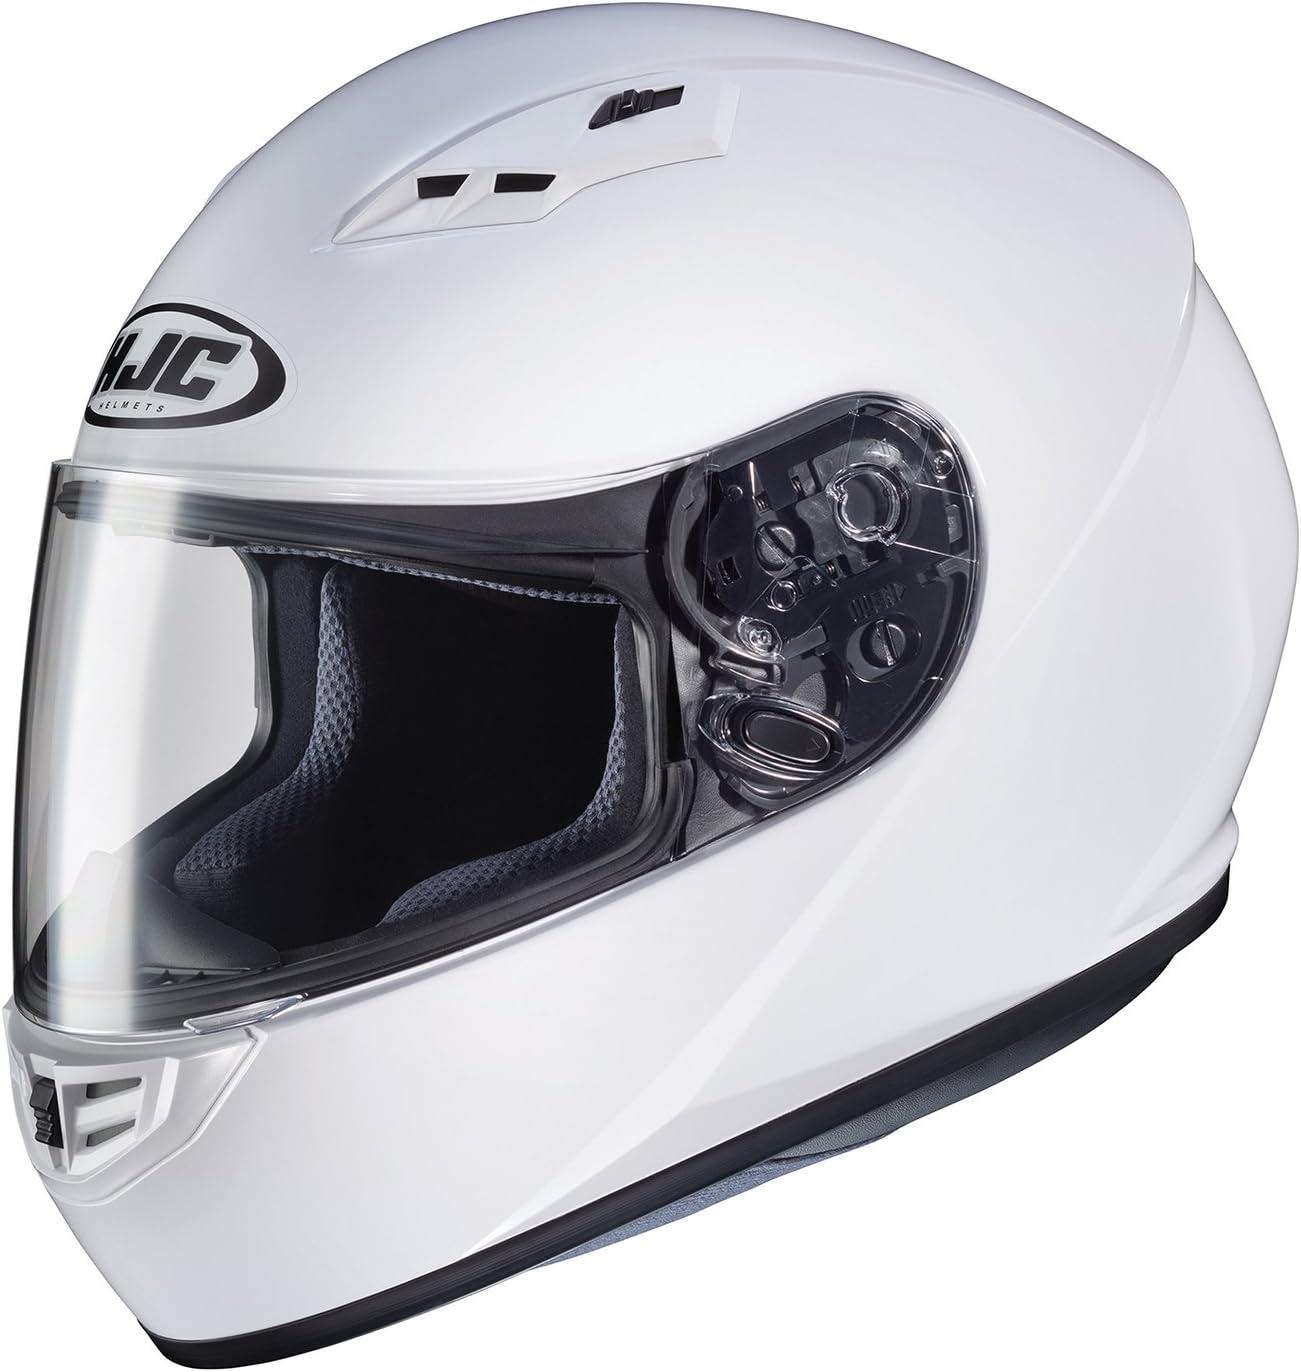 White//Fuchsia, Sm HJC Unisex-Adult Full Face CS-R3 Fullface Helmet Naviya